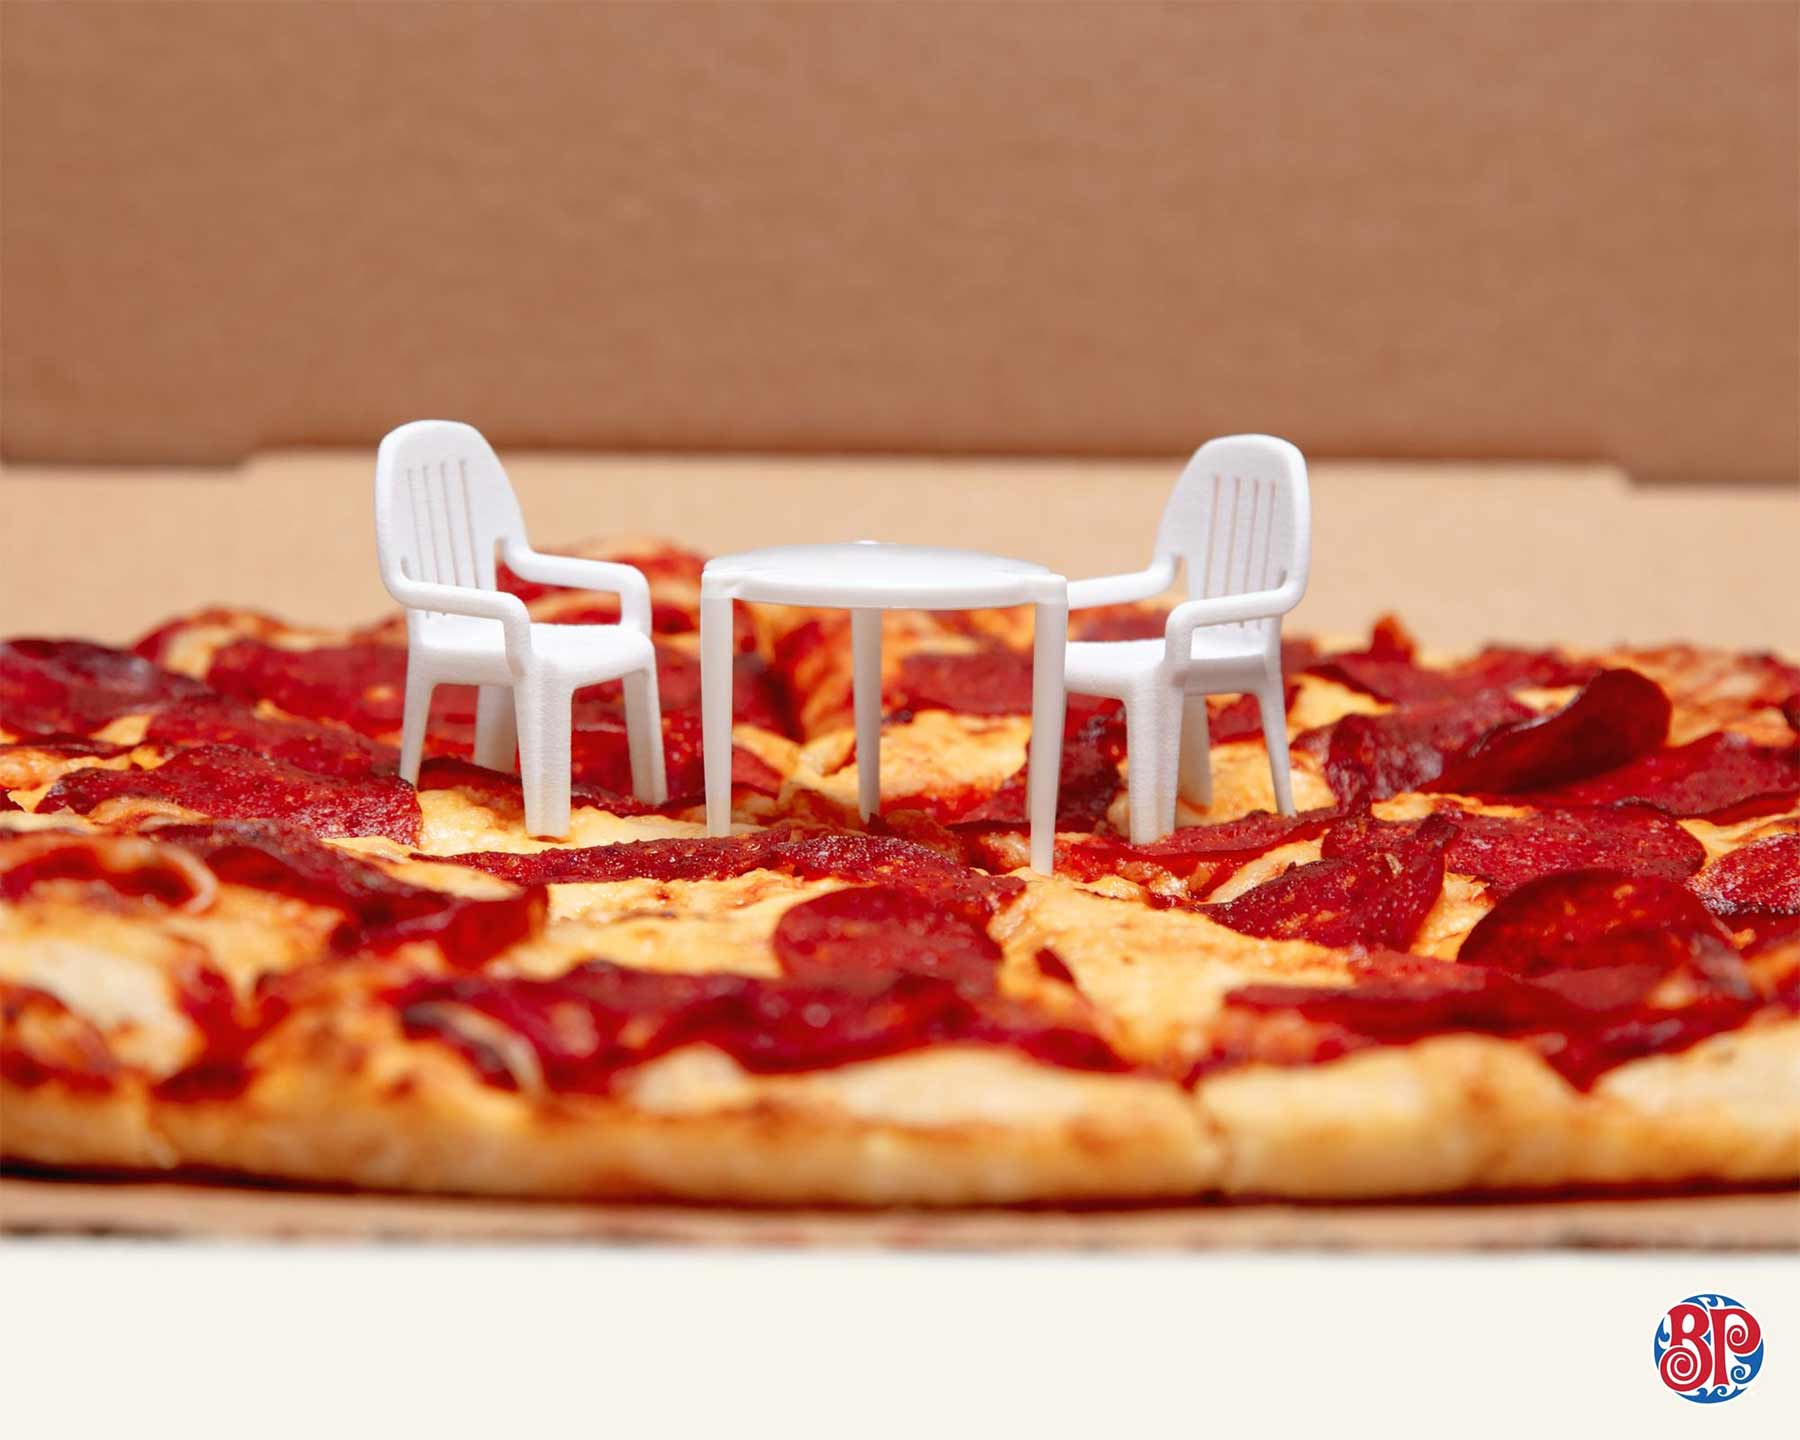 Pizzaabstandshalter wird zum Miniaturtisch boston-pizza-abstandshaltermoebel_03